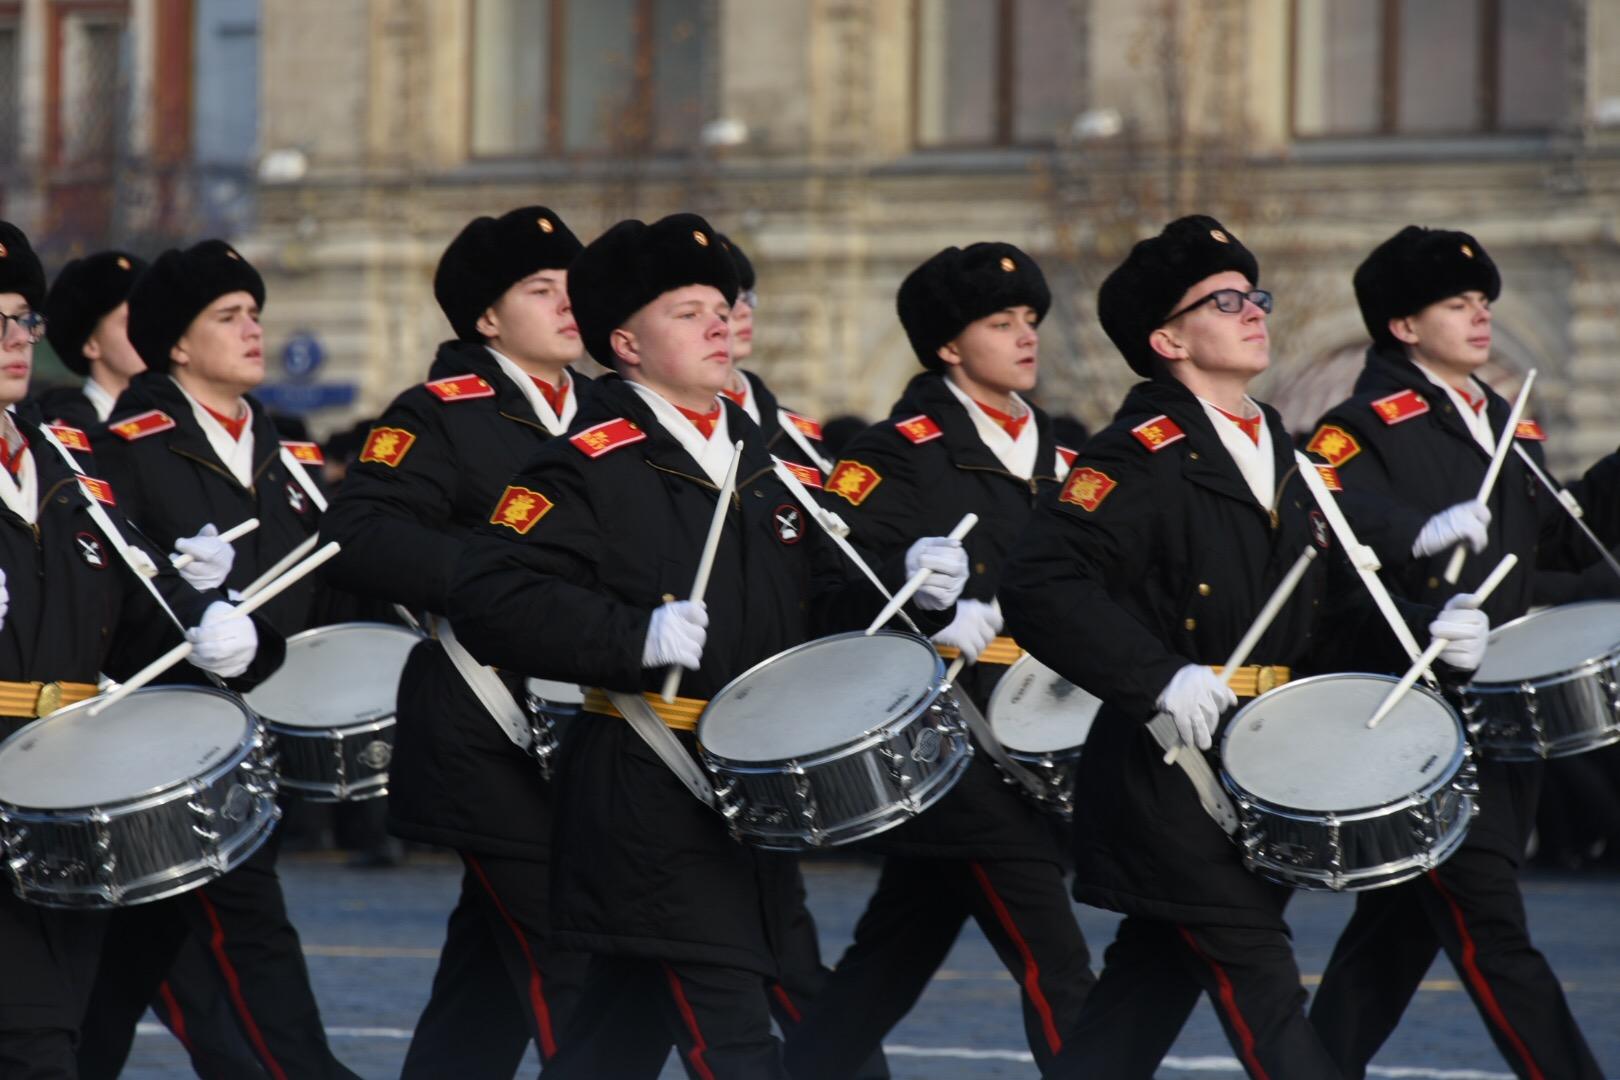 Музыкальный флешмоб «Валенки» запустили в Москве